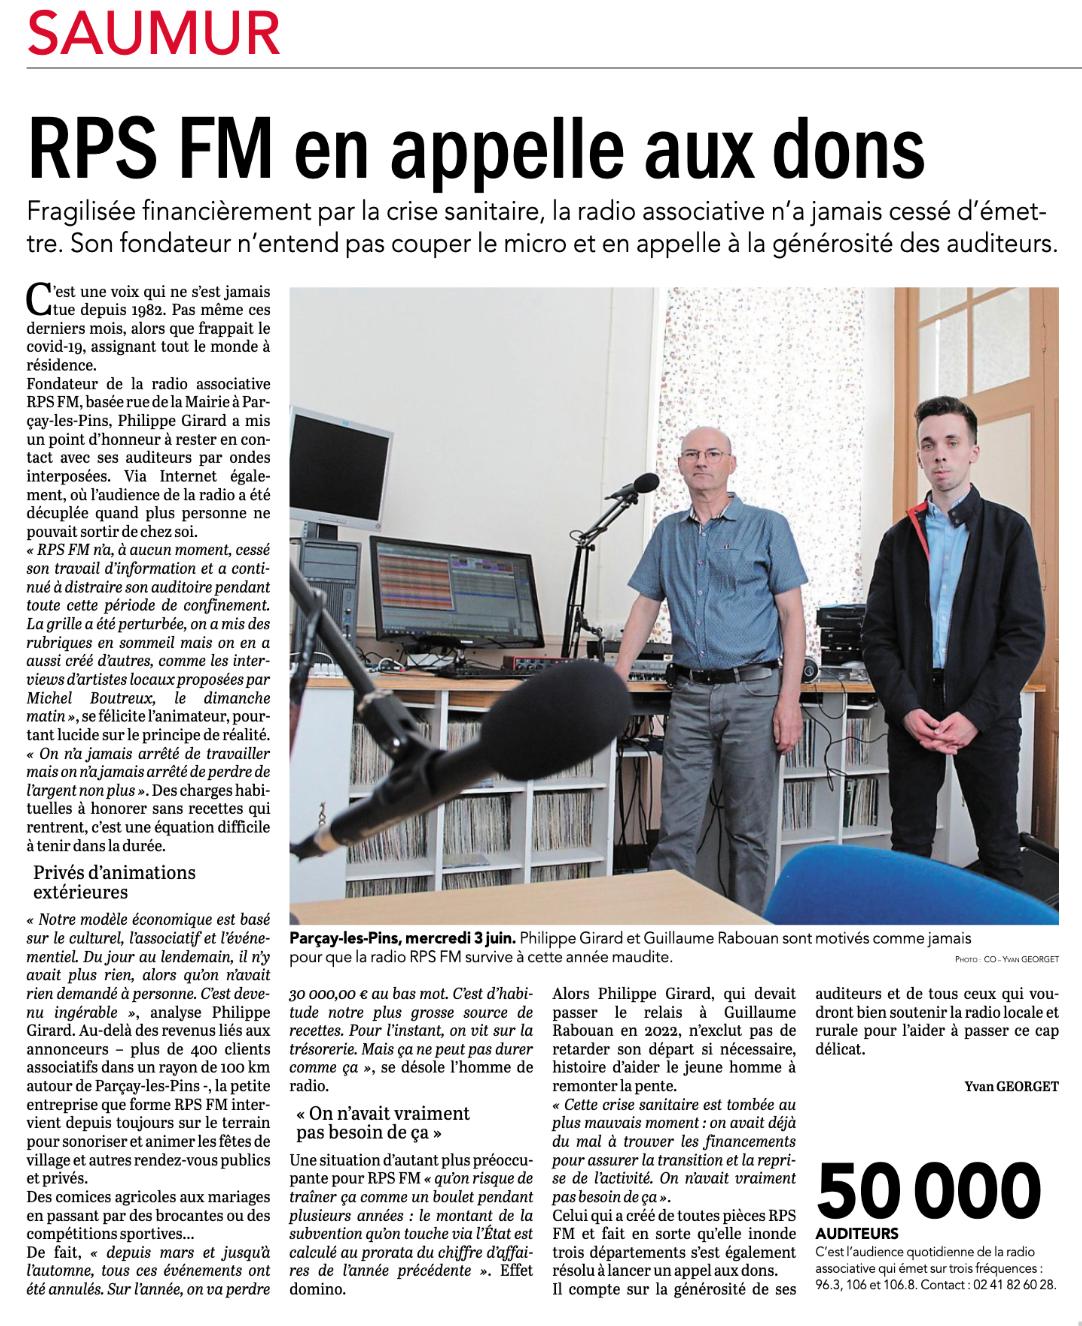 Saumurois. À Parçay-les-Pins, la radio RPS FM en appelle aux dons